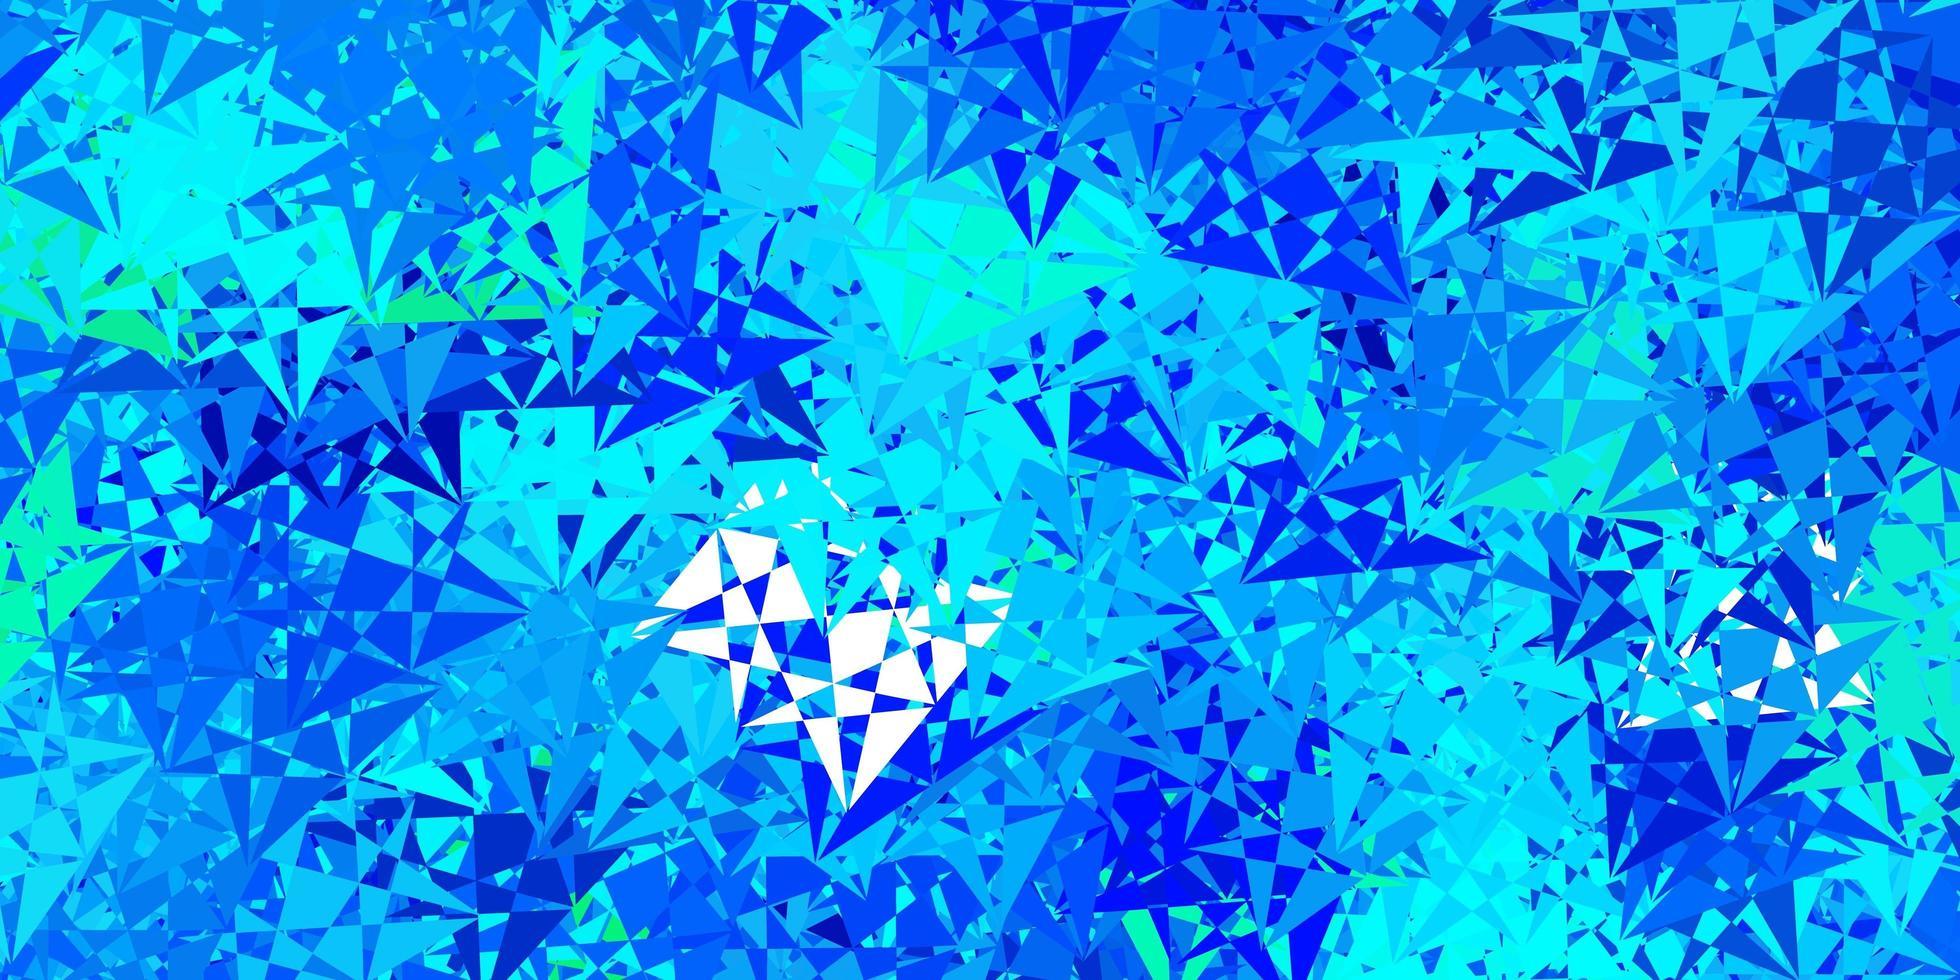 blauwe en groene achtergrond met driehoeken. vector